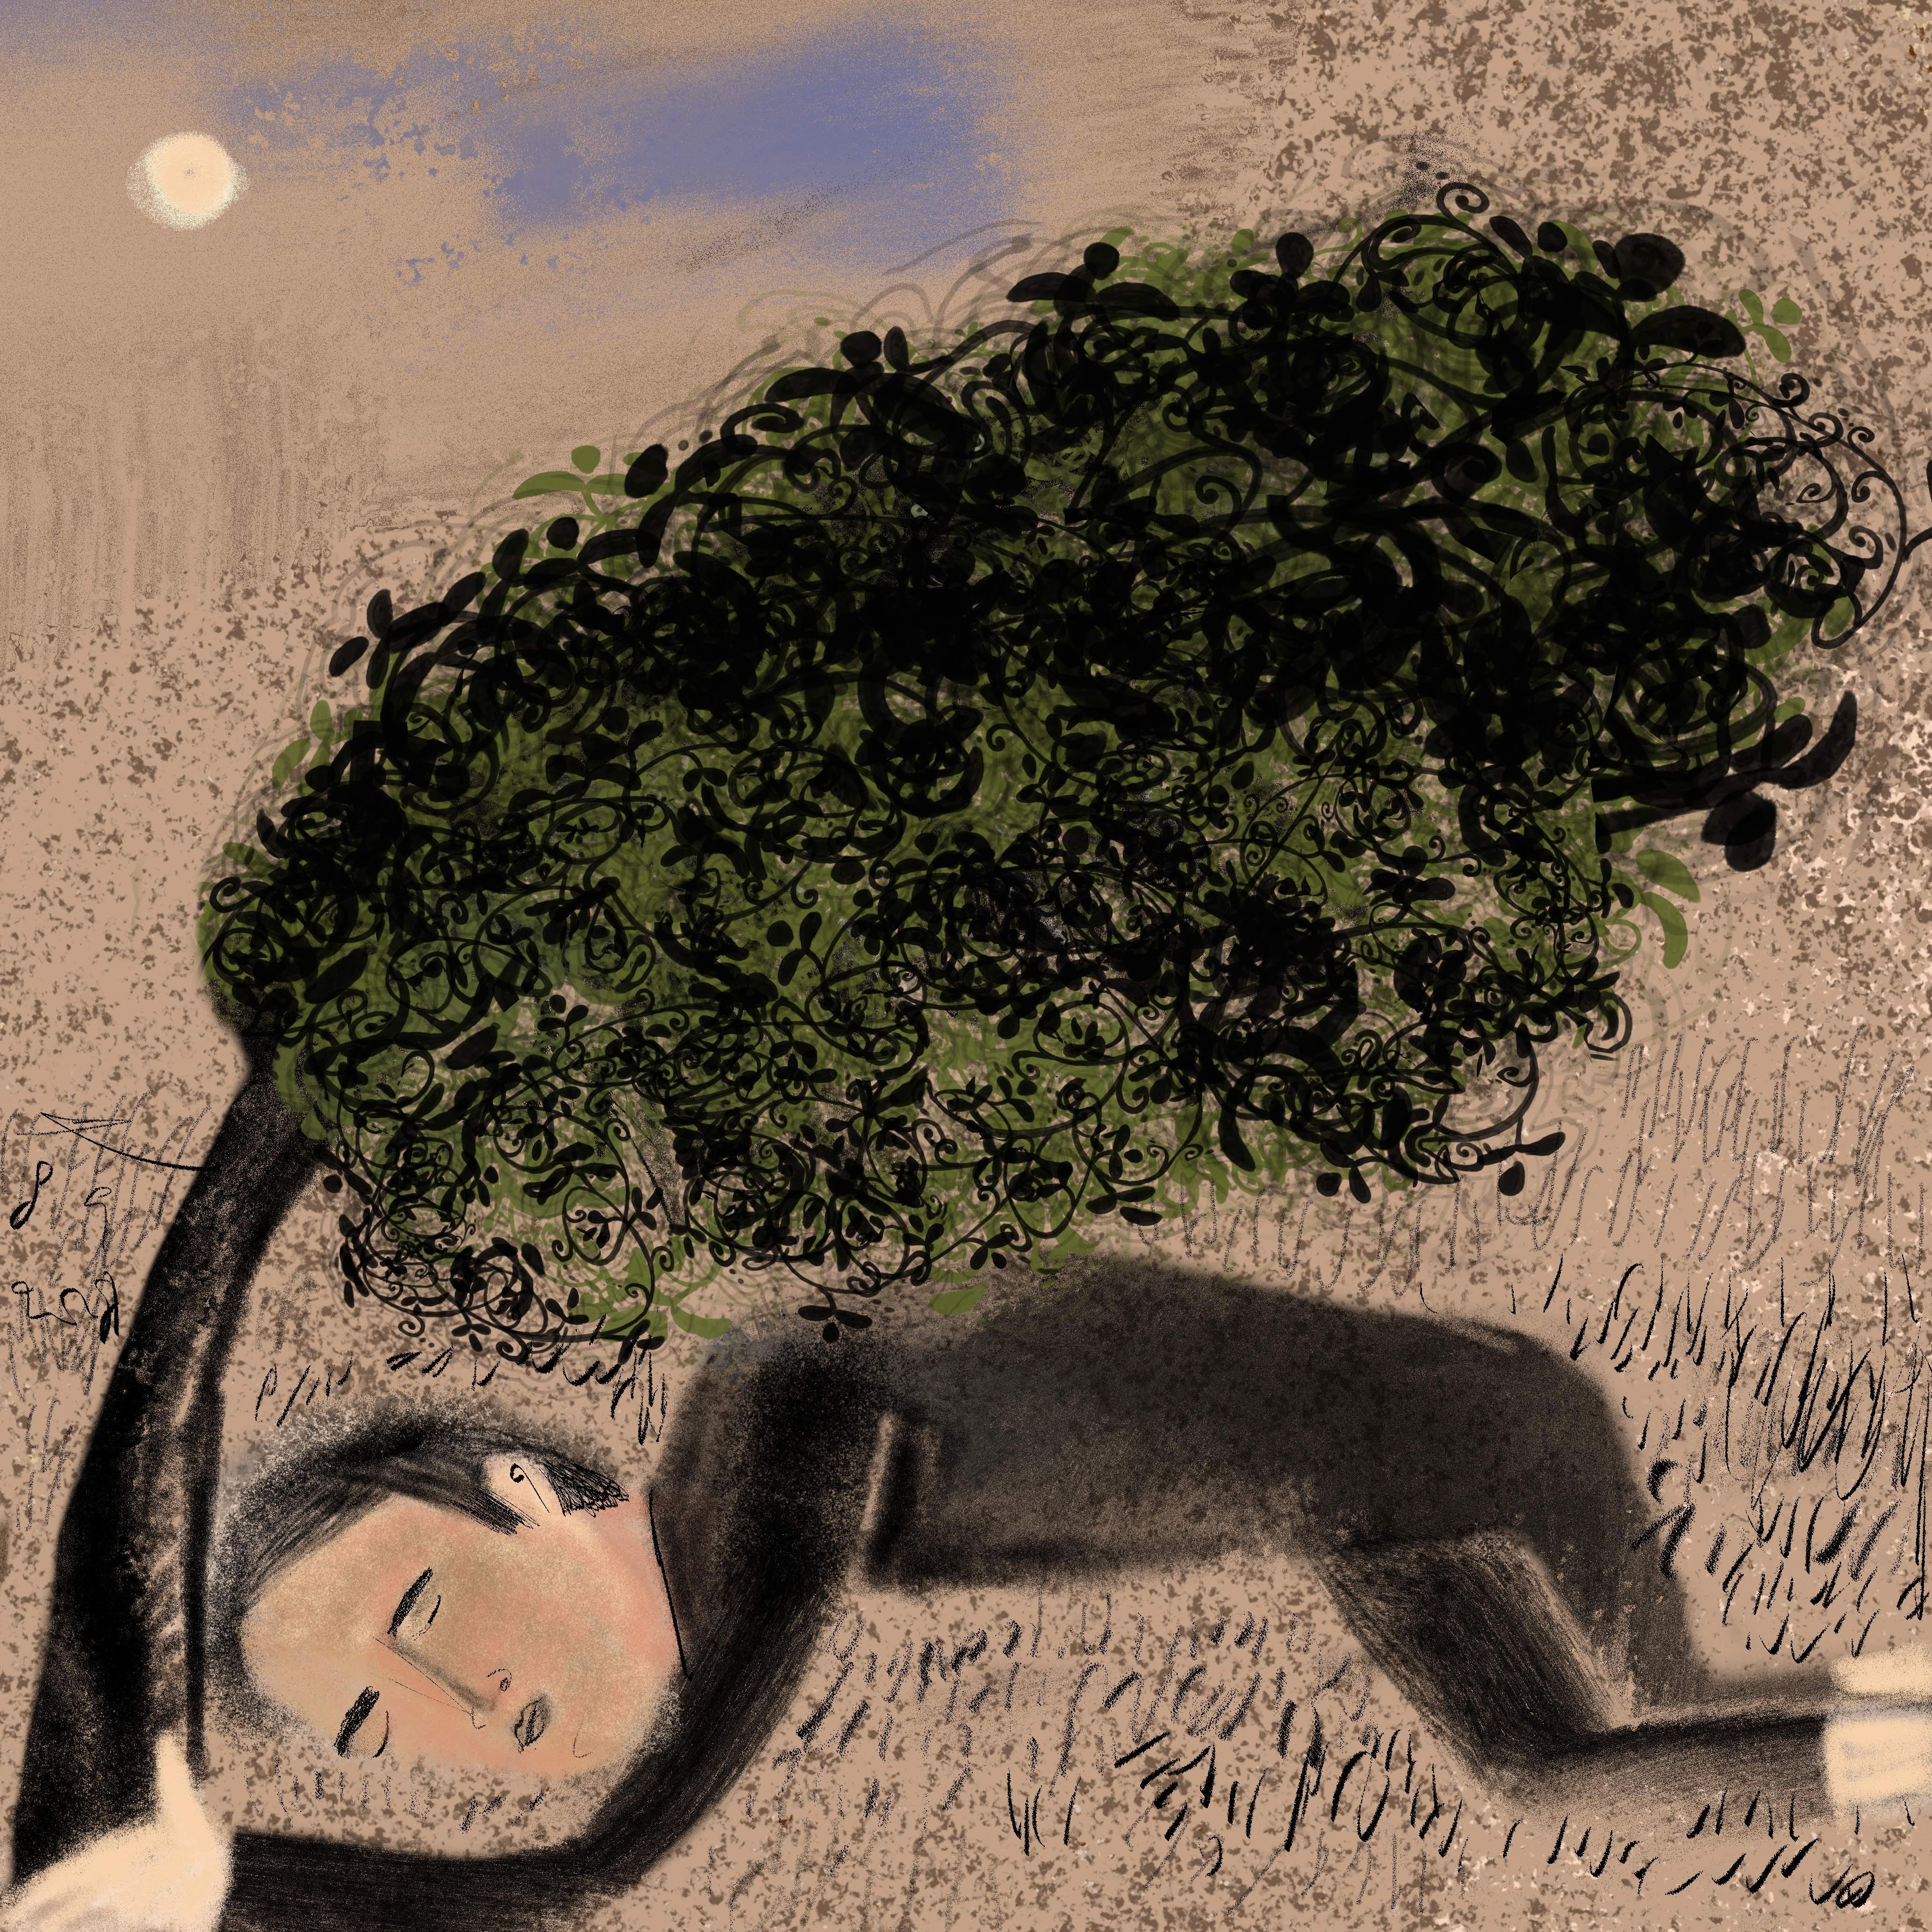 in slaap gevallen onder een oude treurwi